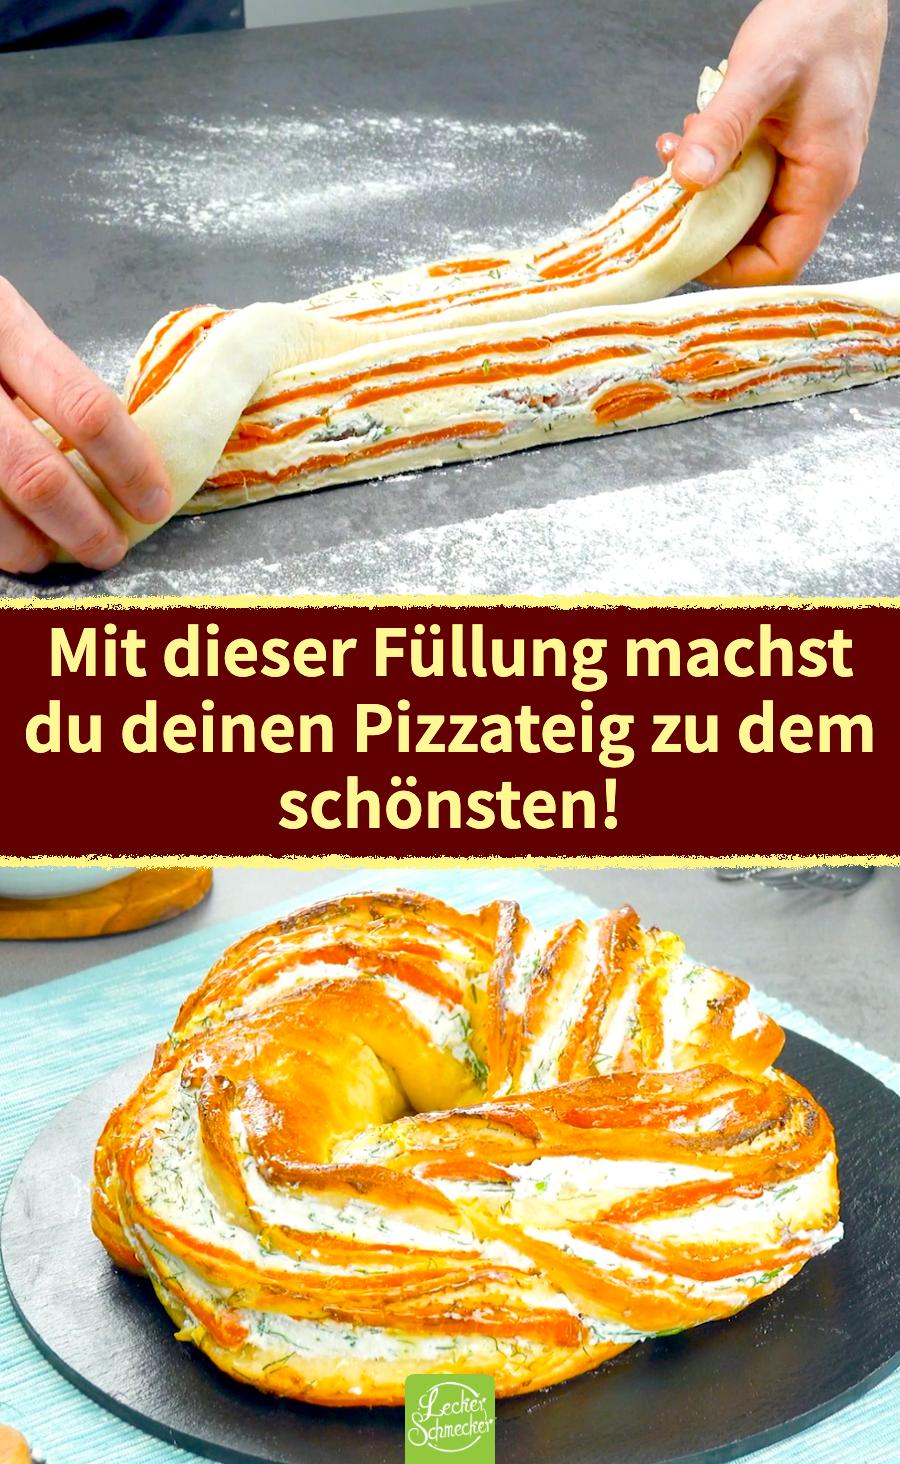 In knusprigen Pizzateig gehüllter Räucherlachs